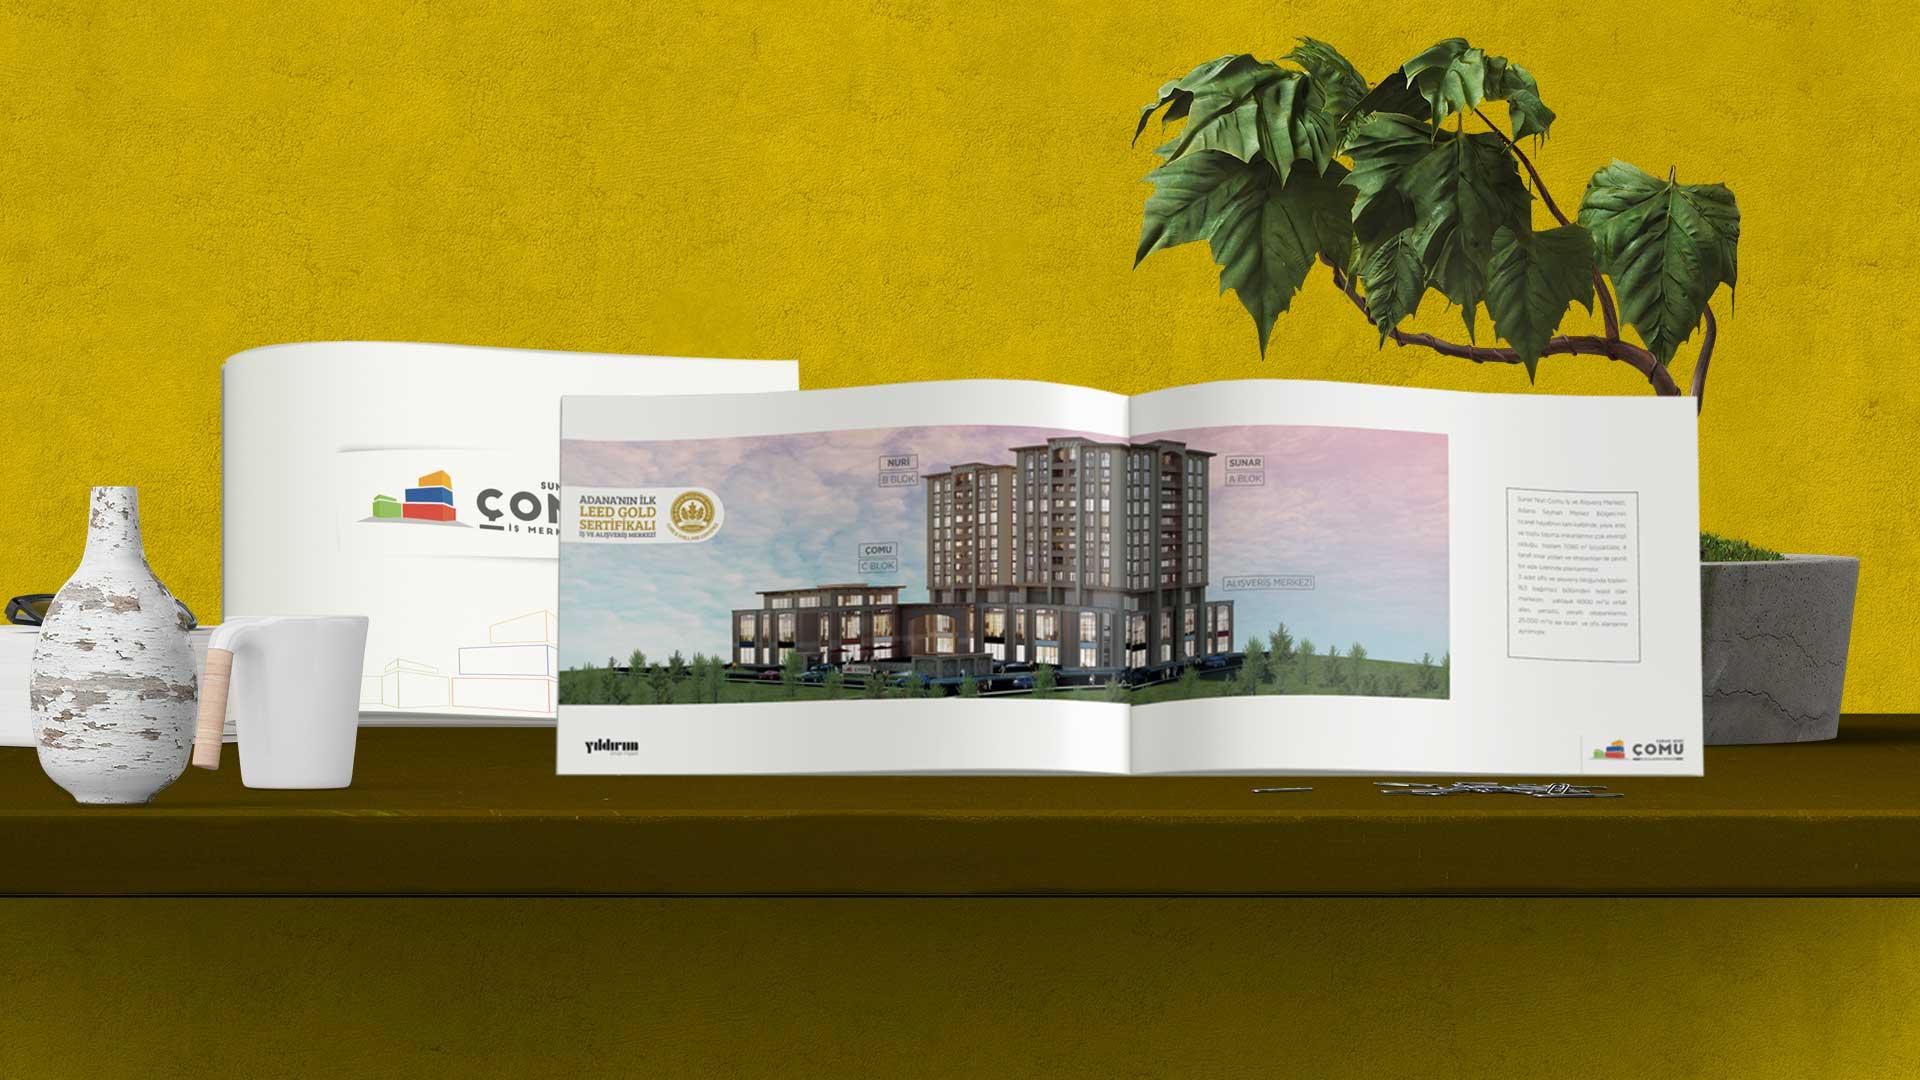 Sunar Nuri Çomu İş ve Alışveriş Merkezi - Katalog Tasarımı